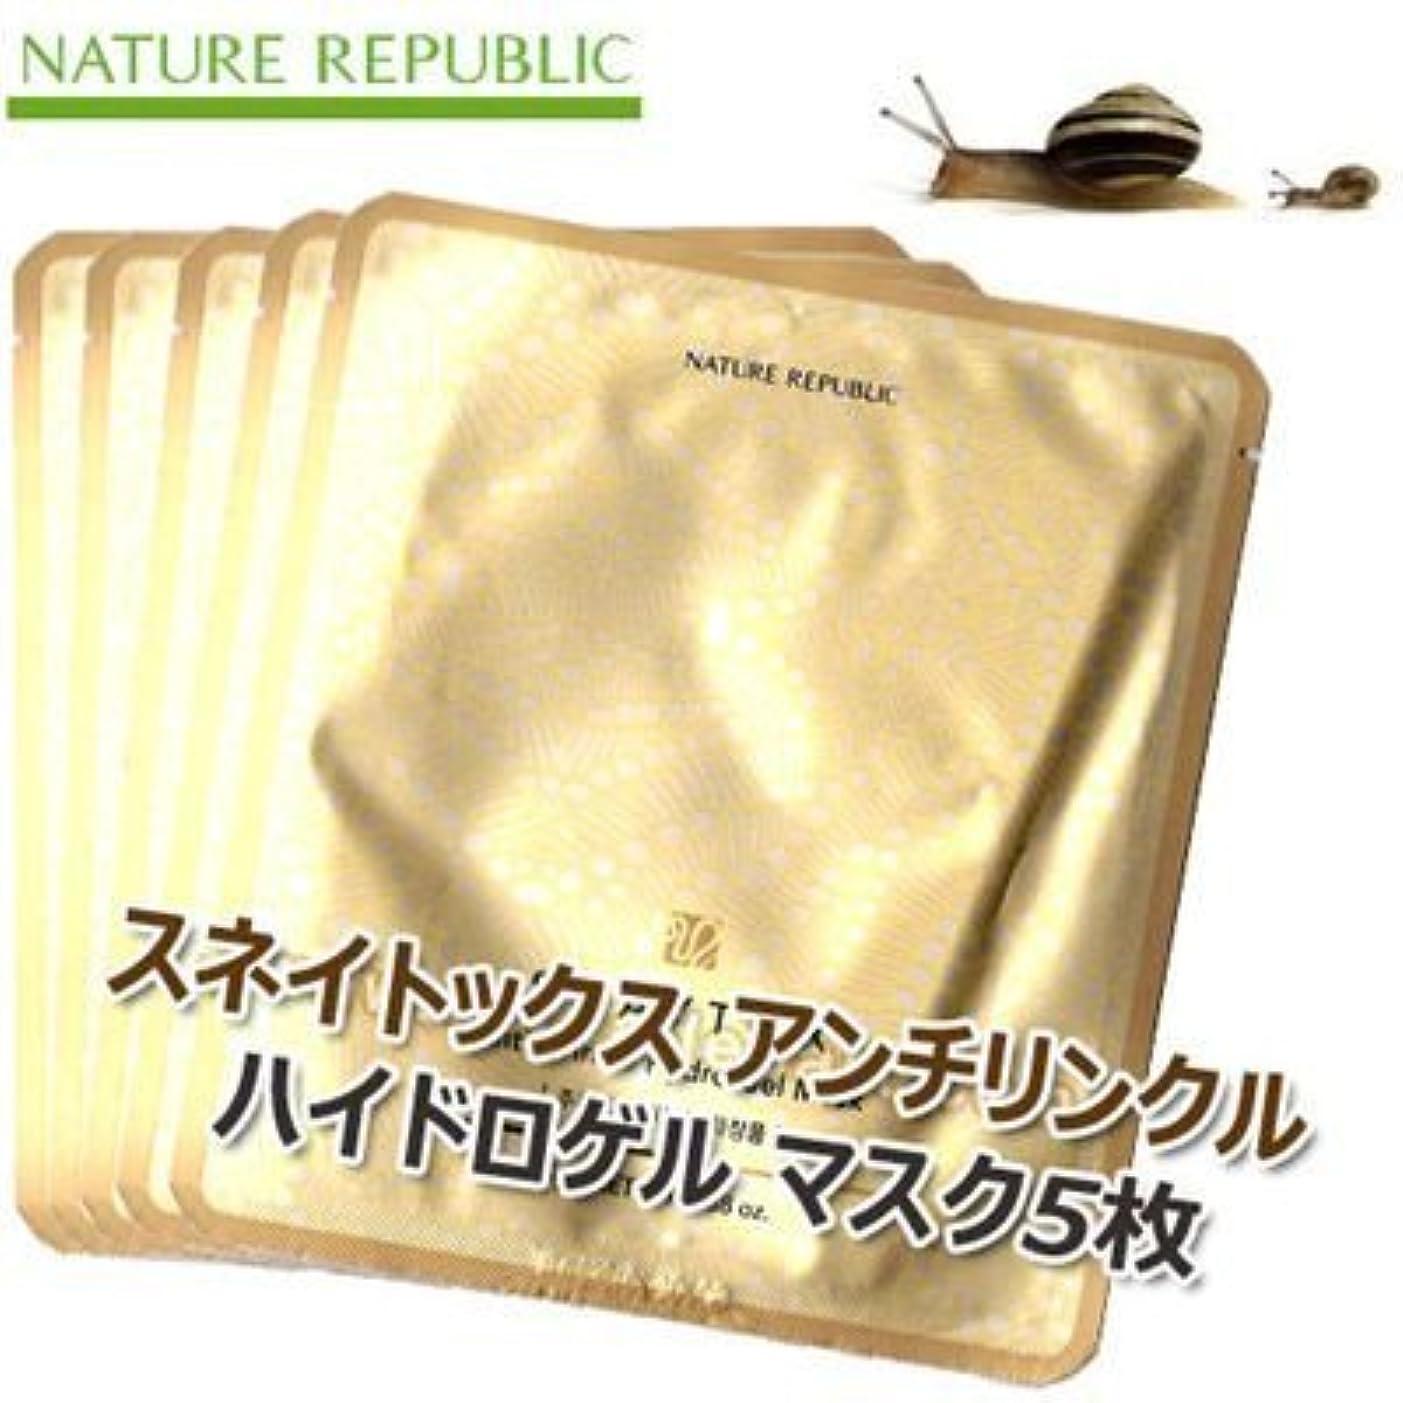 異邦人パスタ交換可能NATURE REPUBLIC(ネイチャーリパブリック) スネイトックス アンチリンクル ハイドロゲル マスク (5枚) シートマスク パック